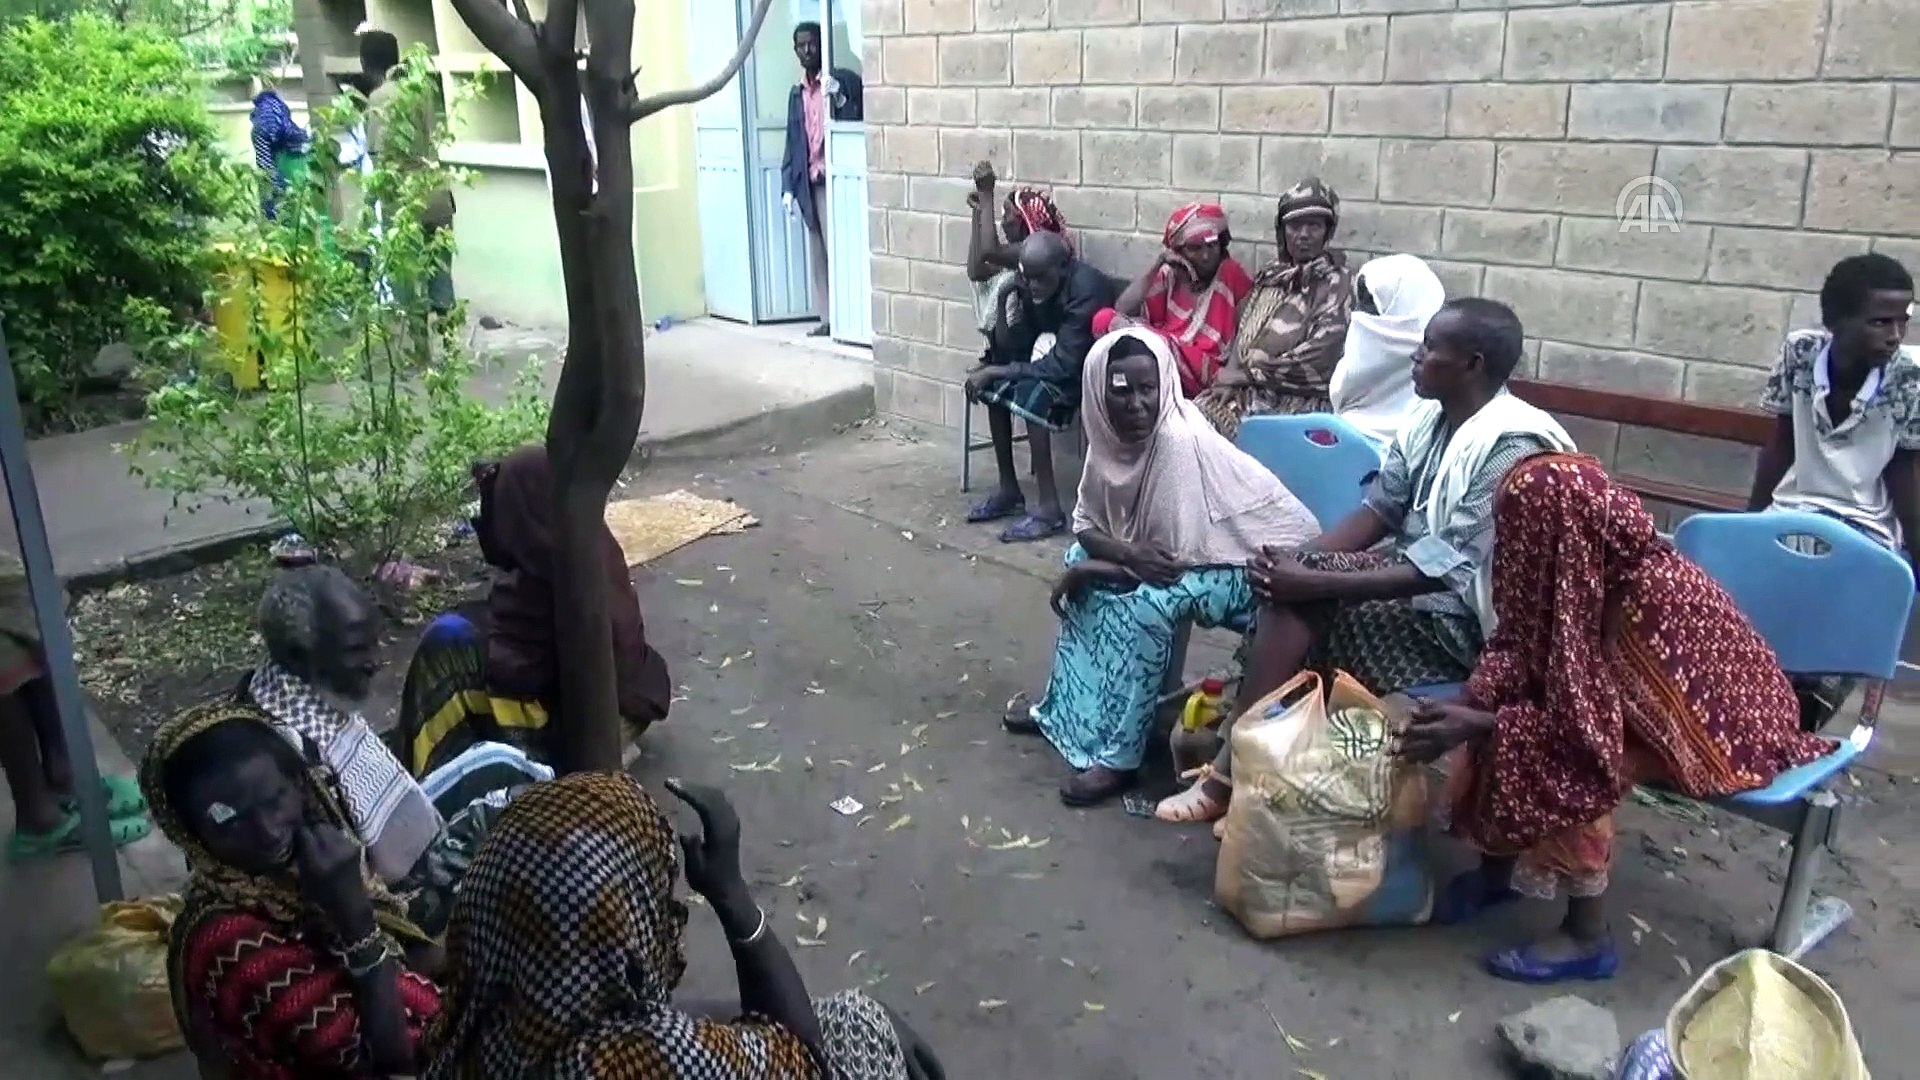 Türkiye'nin yardımları 'gün ışığı'na dönüşüyor - ADDİS ABABA